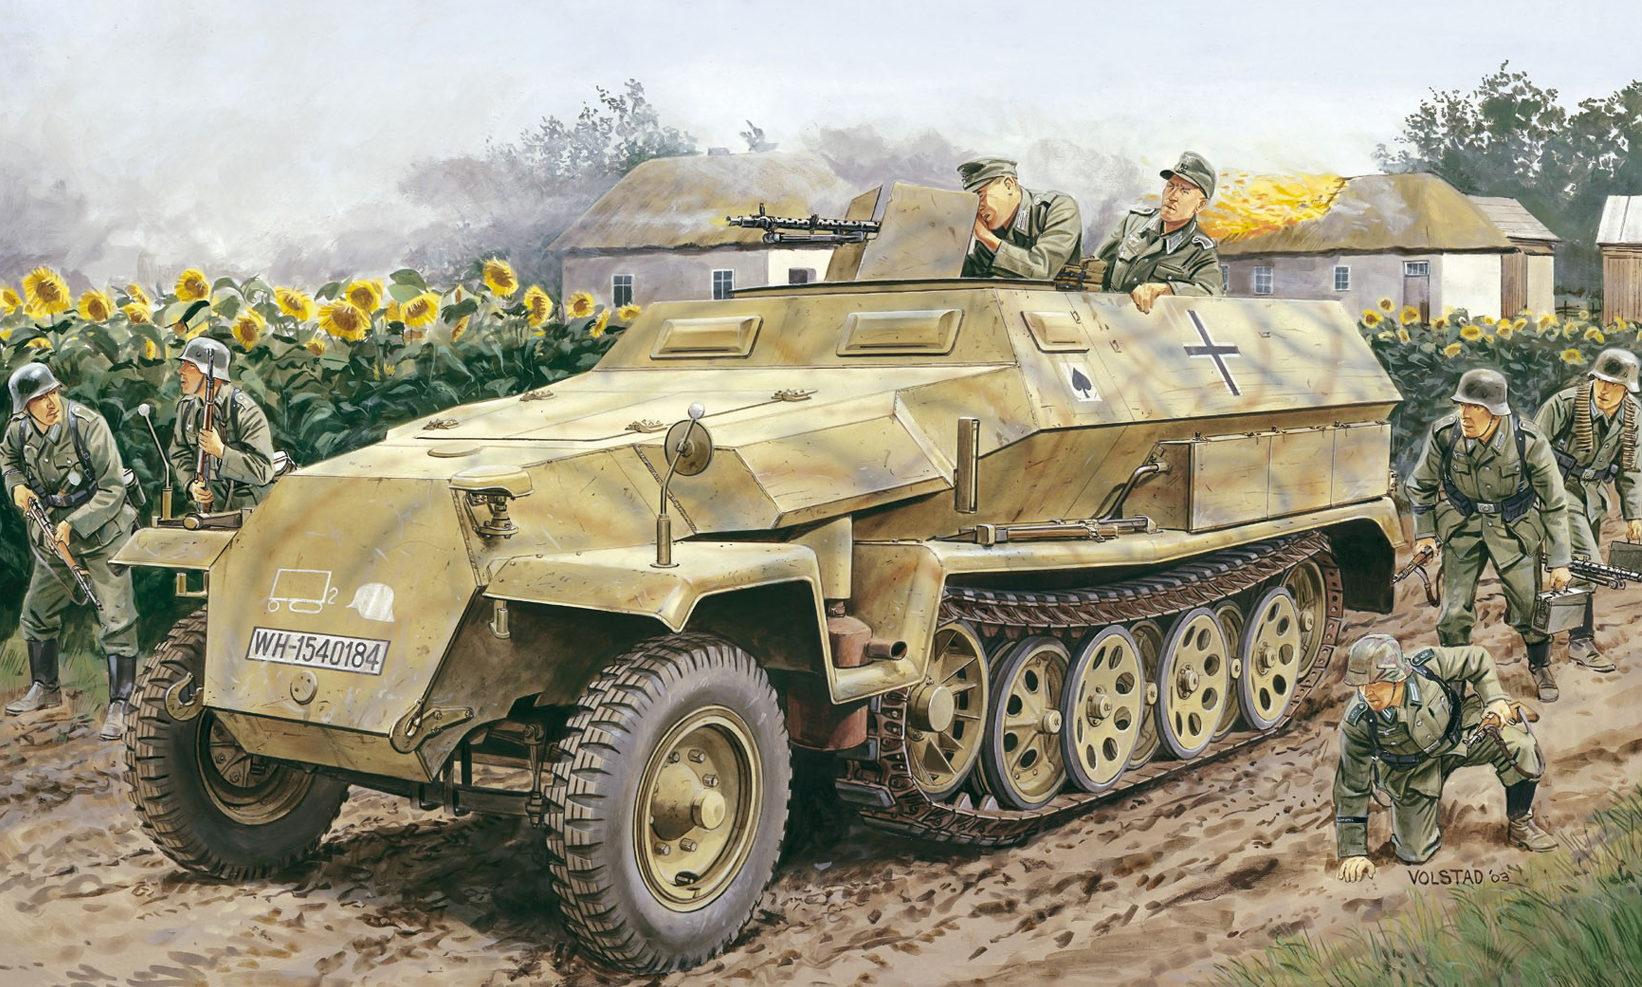 Volstad Ronald. Полугусеничный бронетранспортер Sd.Kfz. 251 Ausf. C.